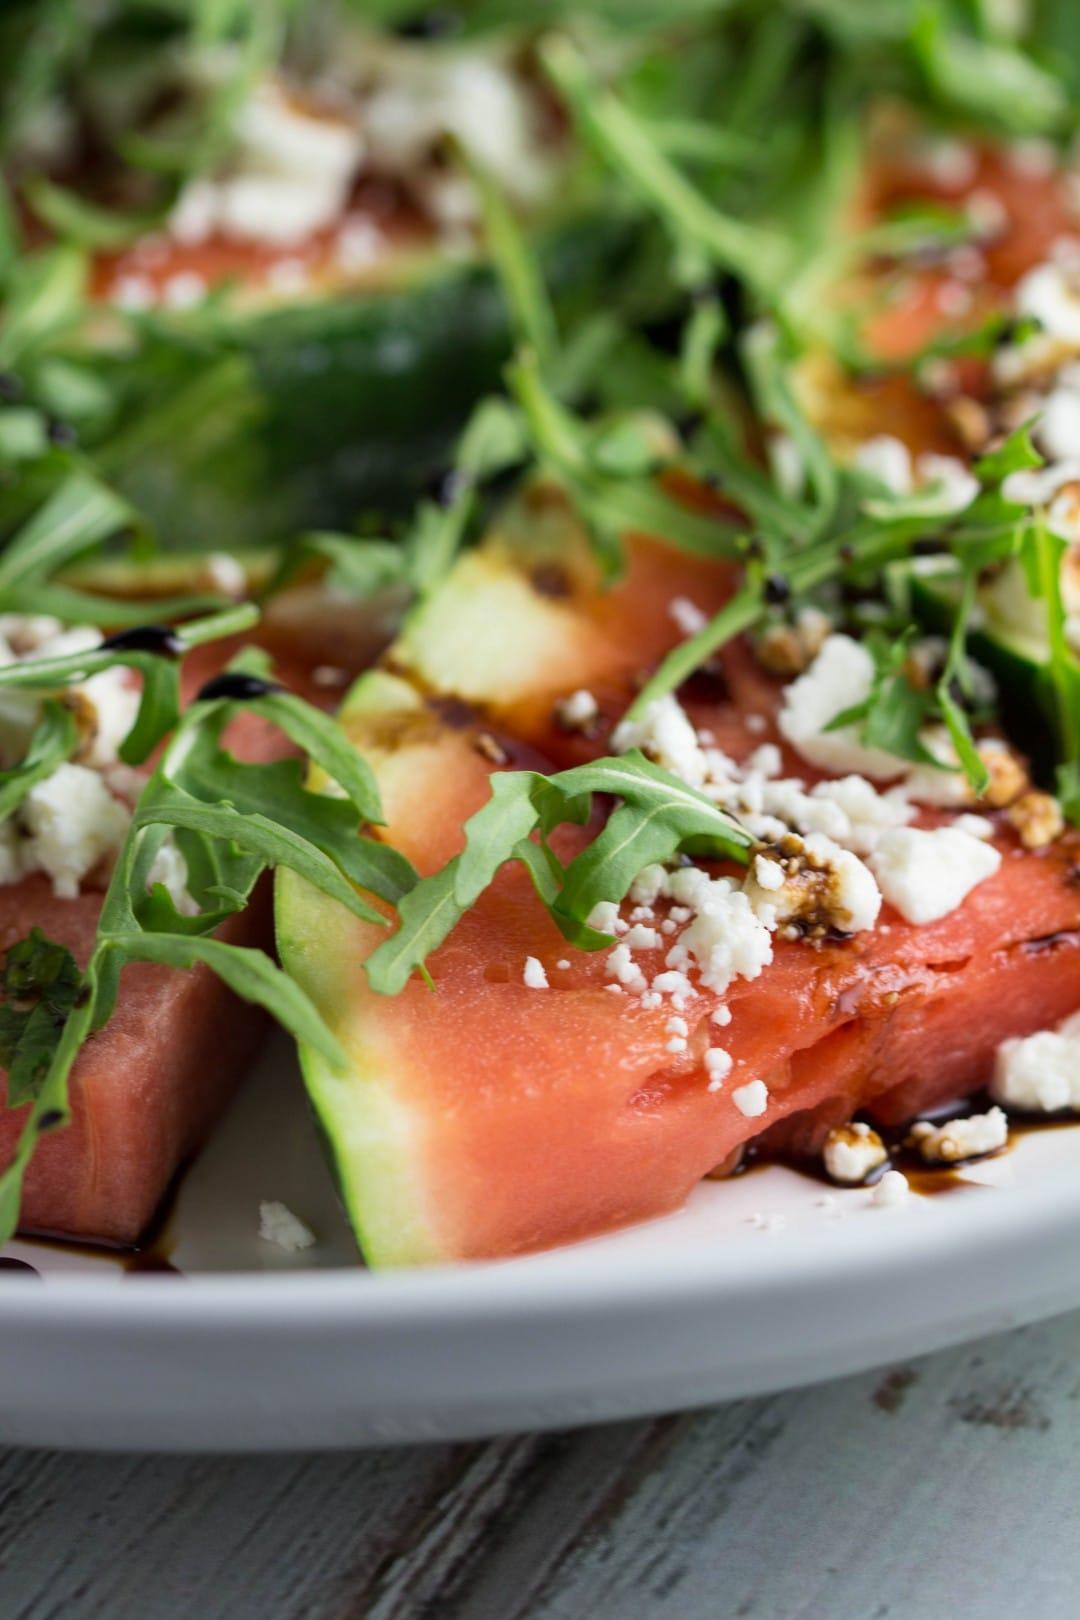 Grilled Fruit - 4 Ways! Watermelon Salad Bites |Krollskorner.com